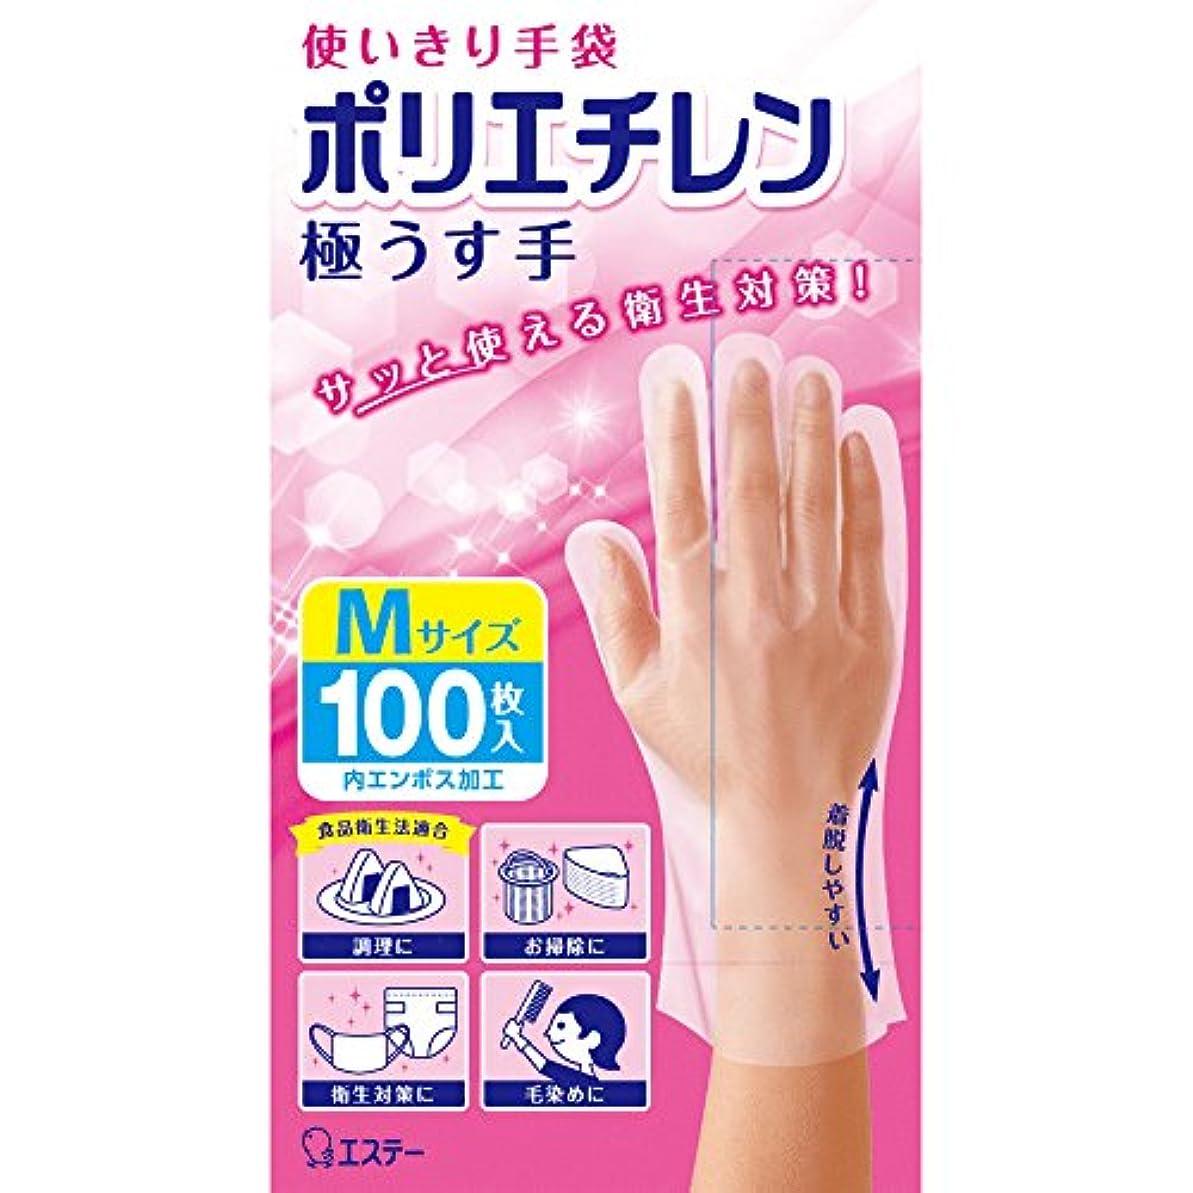 使いきり手袋 ポリエチレン 極うす手 Mサイズ 半透明 100枚